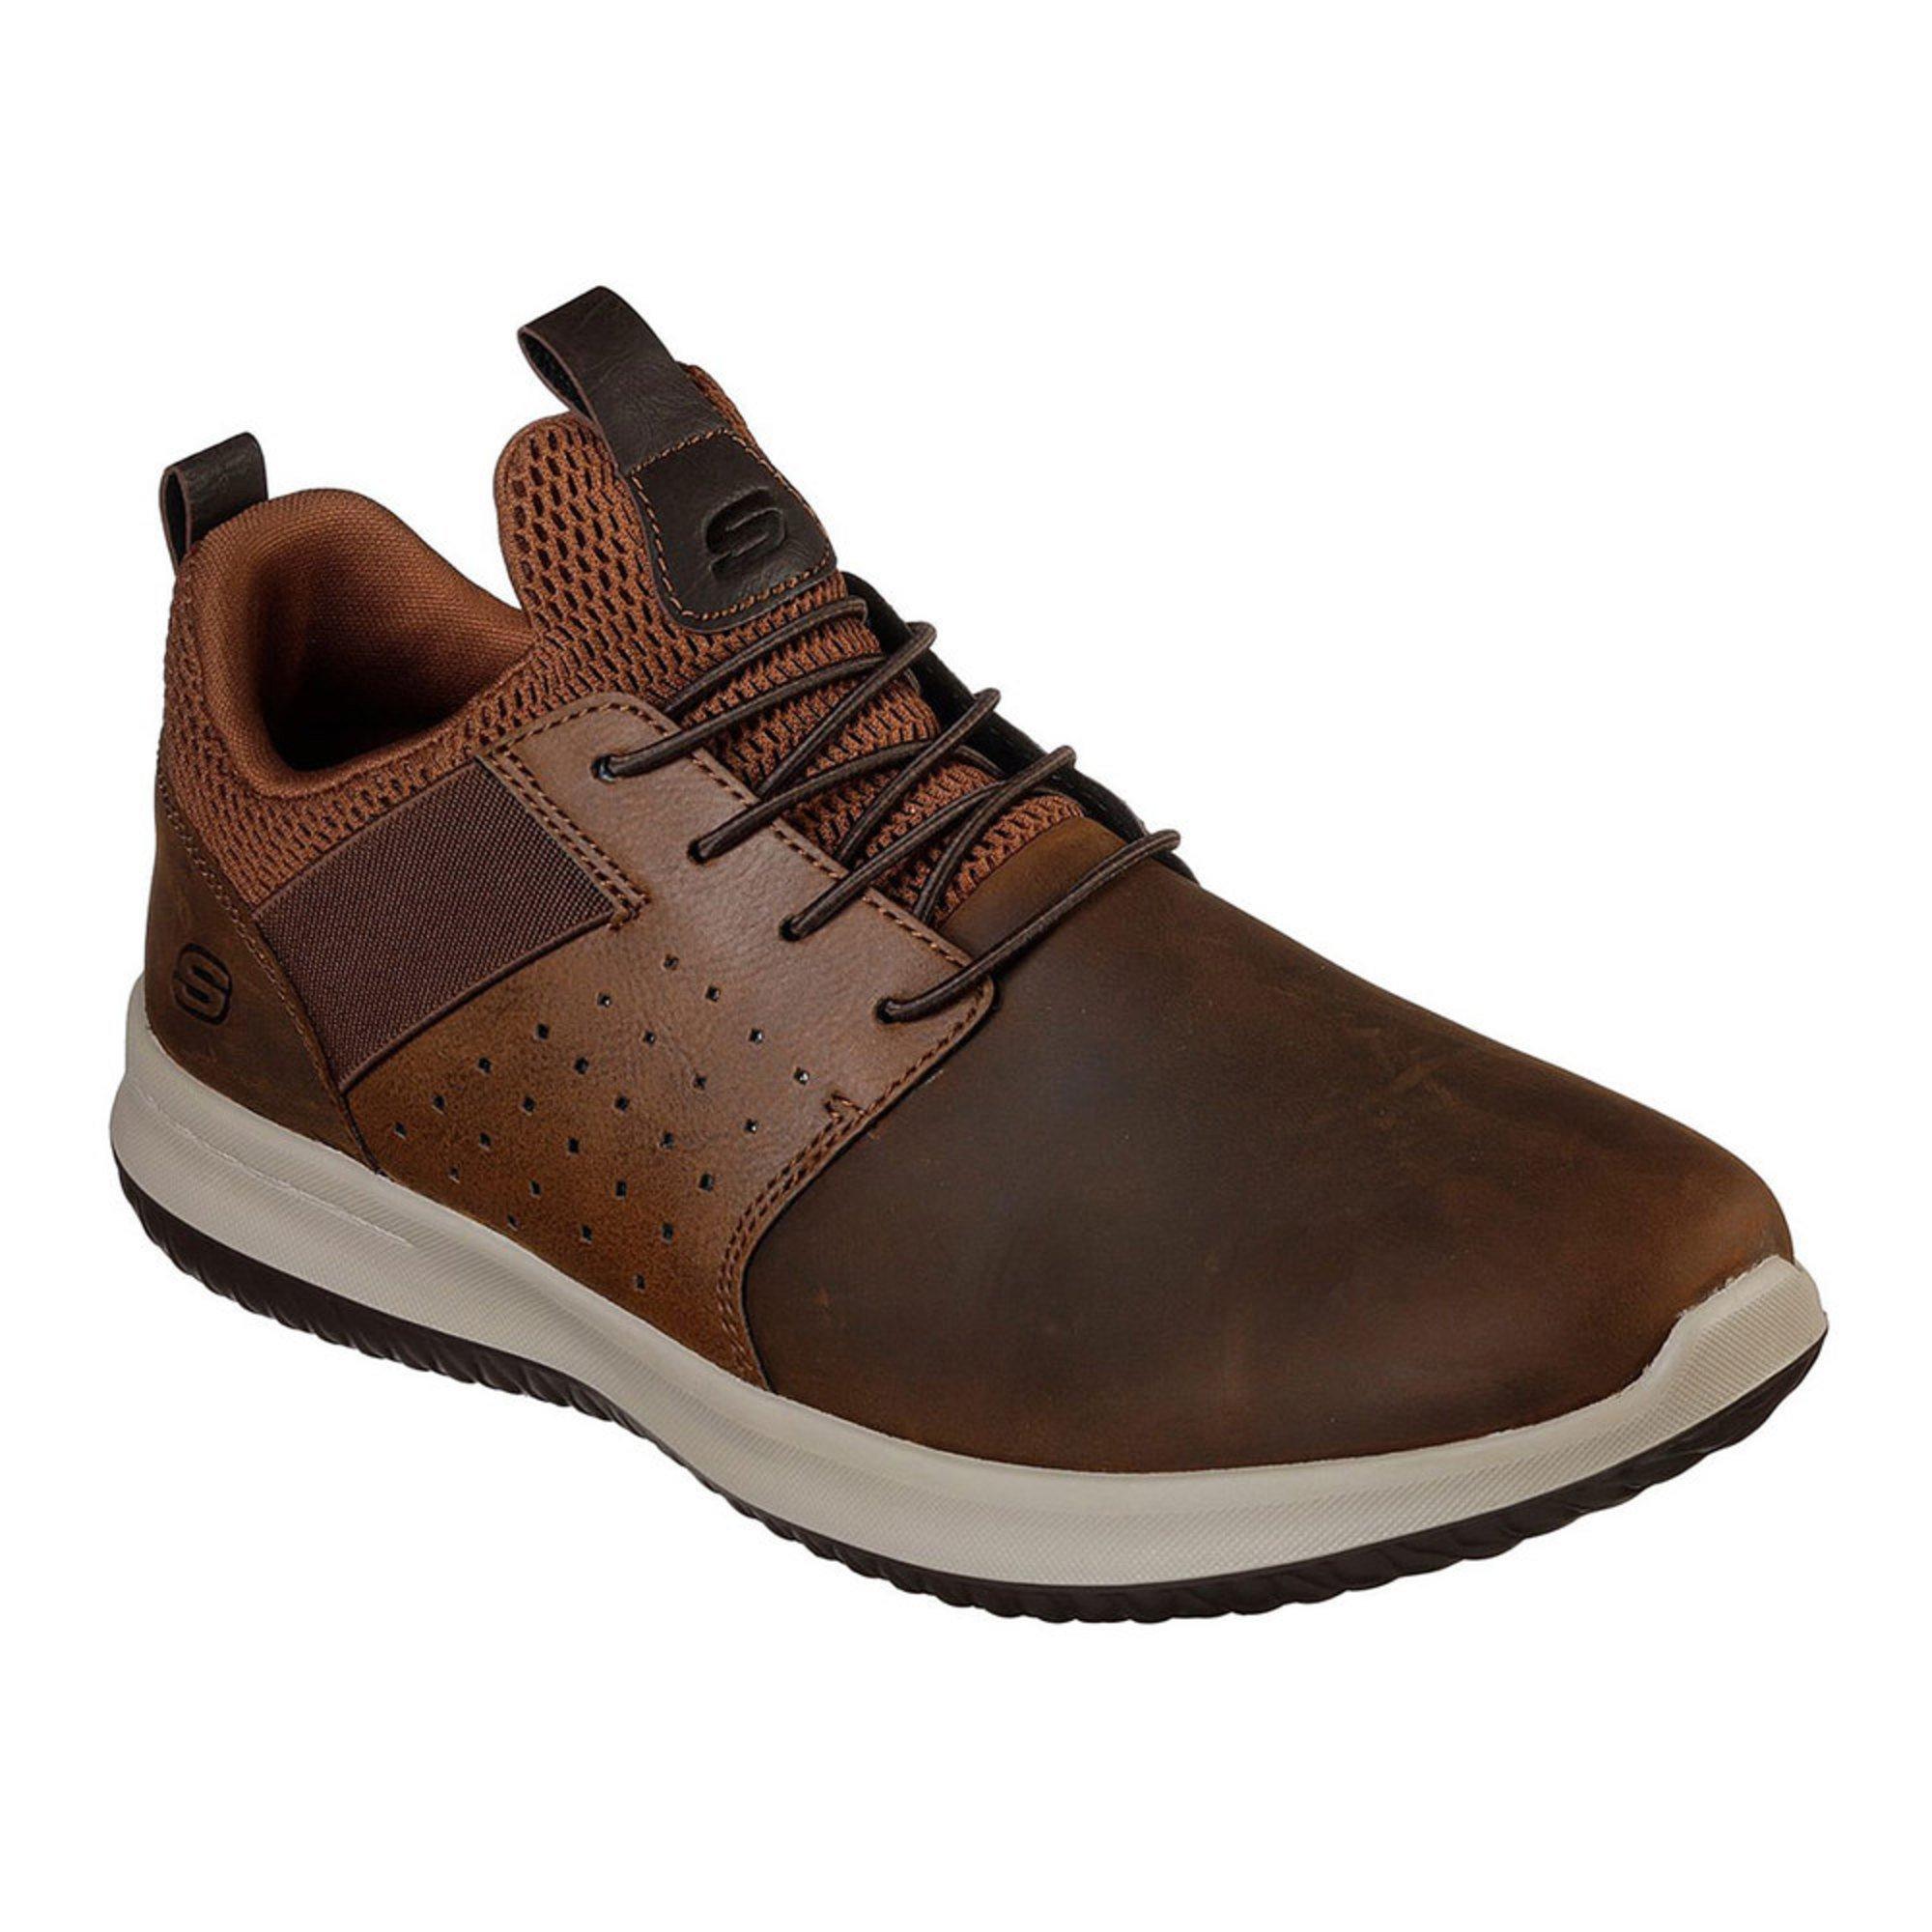 super beliebt 2019 professionell sehr günstig Skechers USA Men's Axton Wide Casual Leather Slip-On Shoe